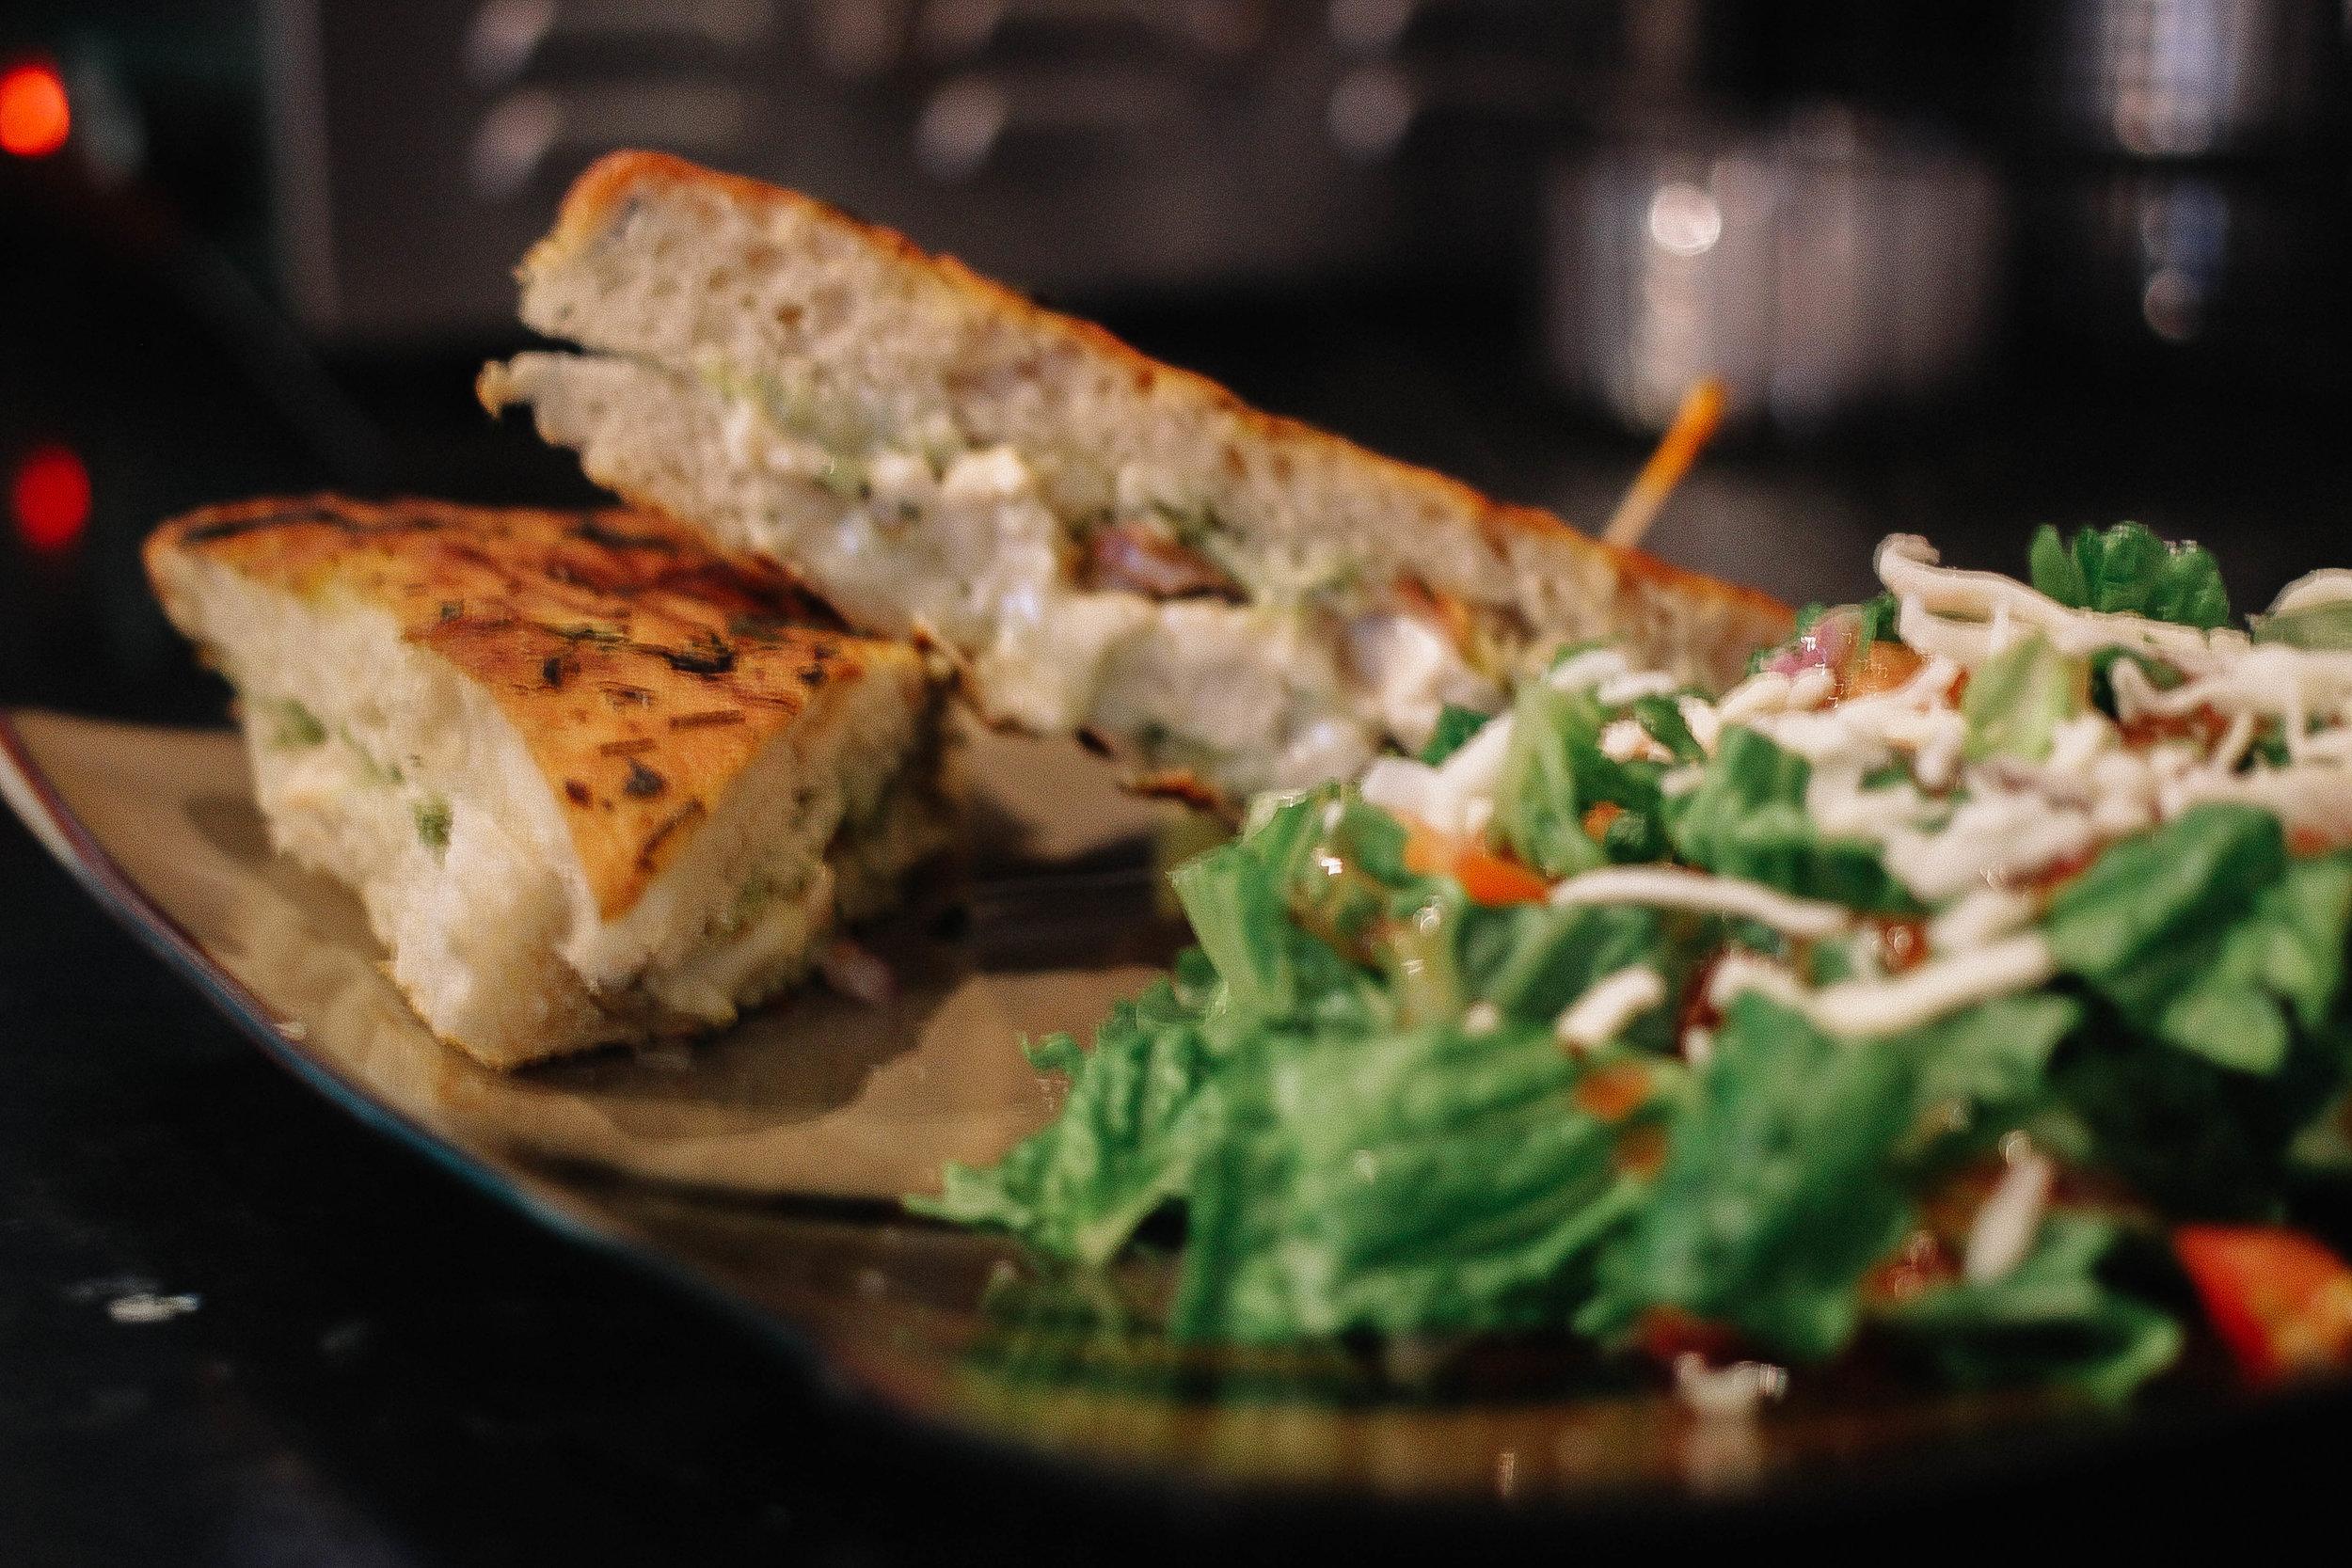 Chicken Pesto w/ a side salad